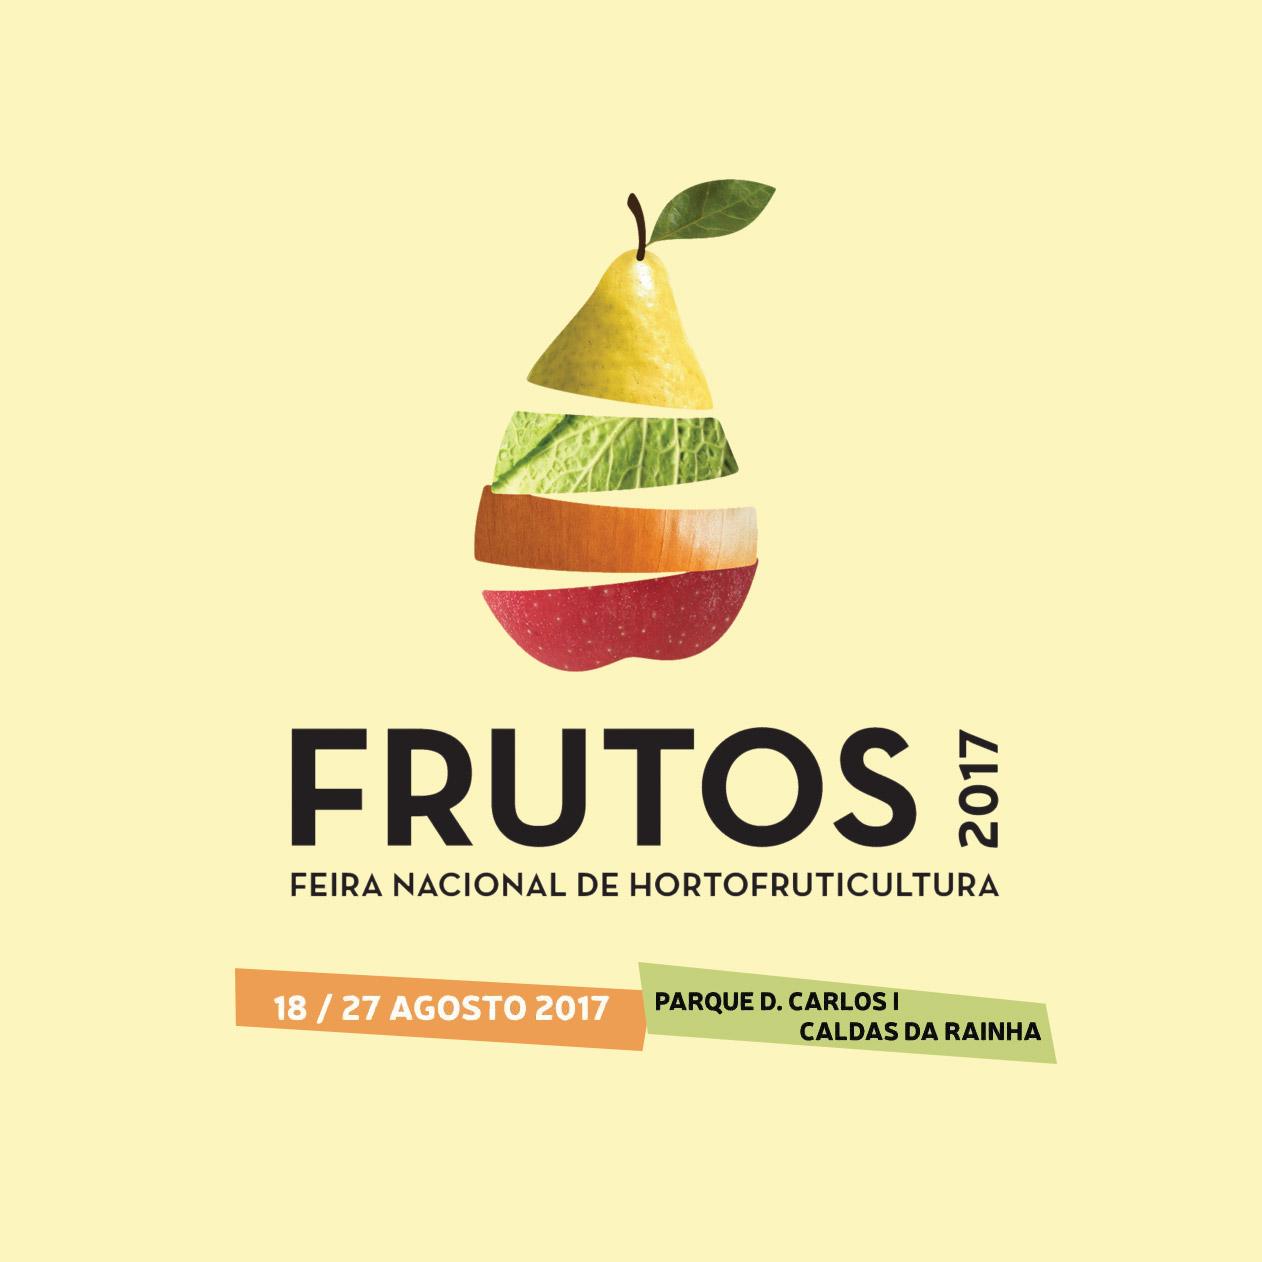 noticia_feira_frutos_2017